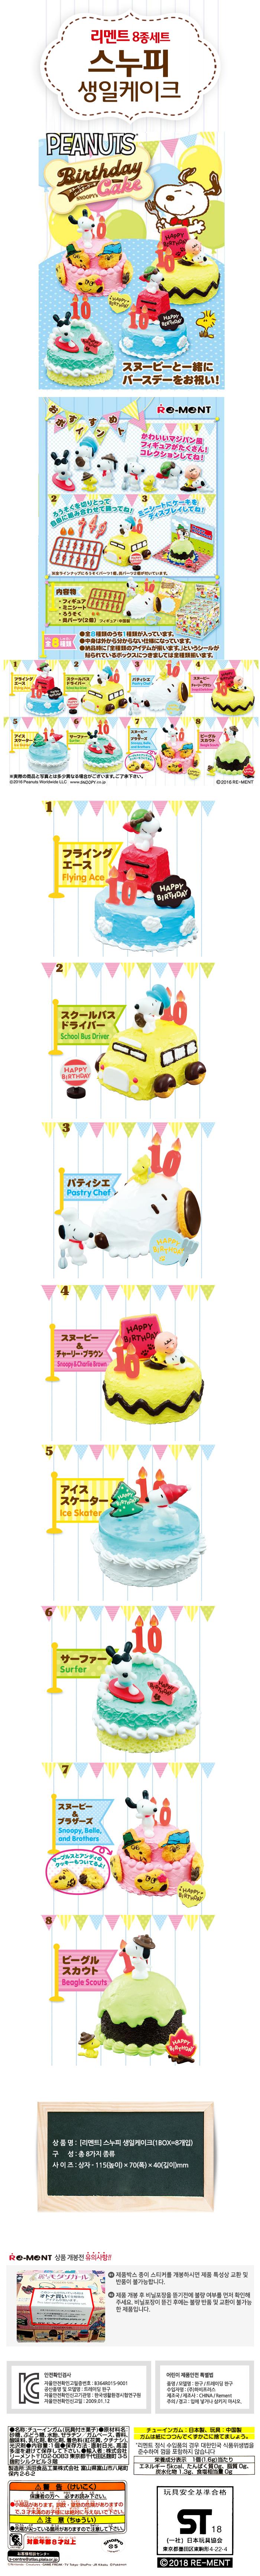 리멘트 스누피 생일케이크 (1BOX=8개) - 레드비, 64,000원, 캐릭터 피규어, 리멘트/식완